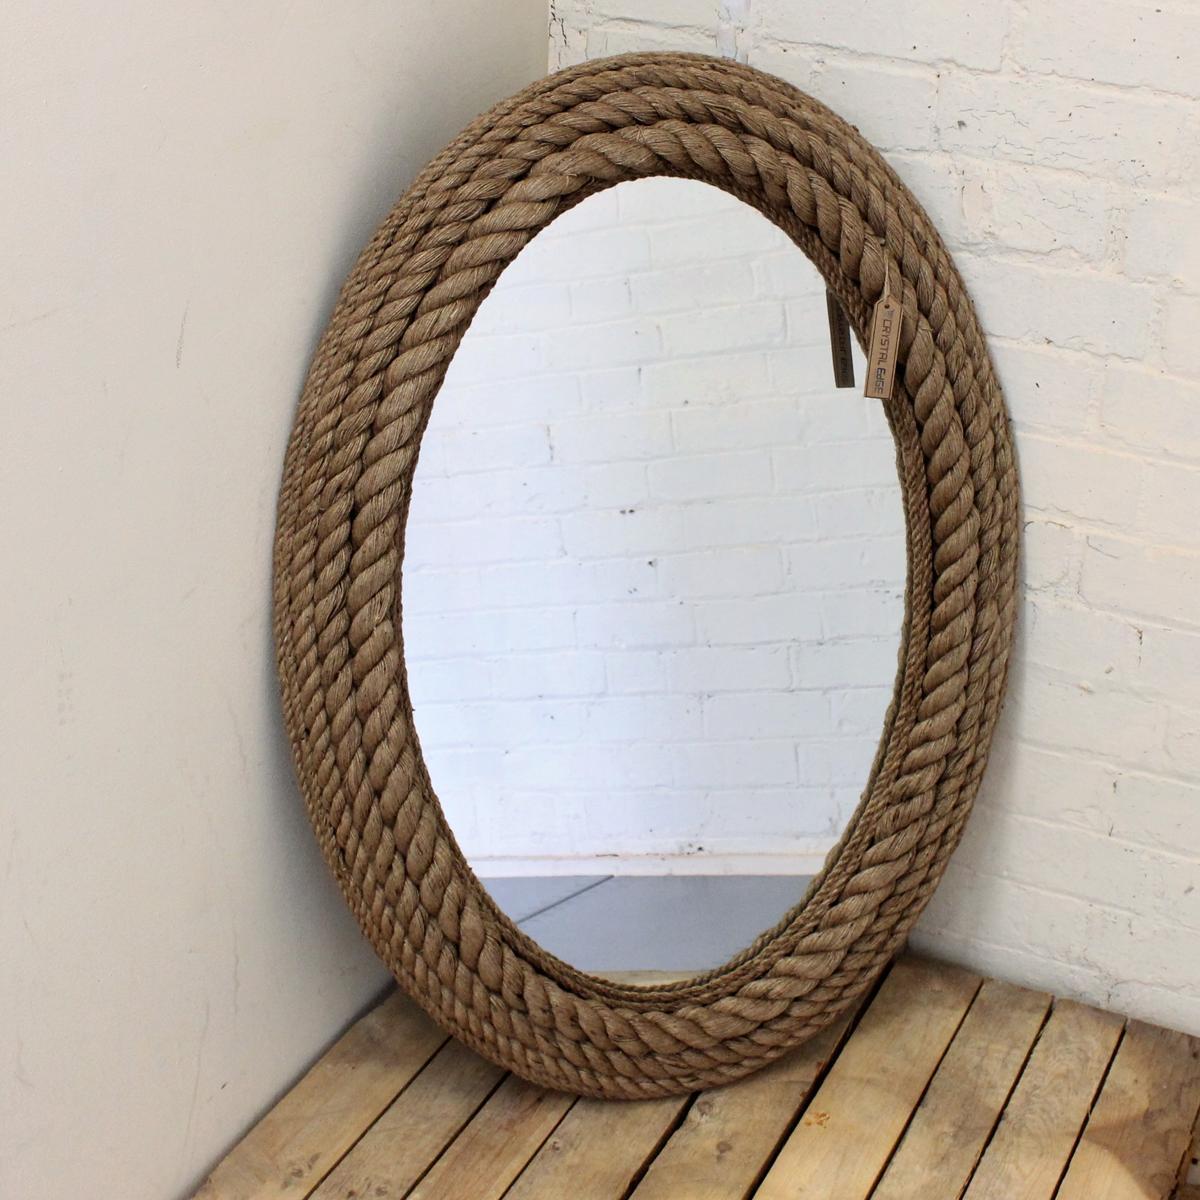 Corda ovale specchio da parete mare riva shabby chic - Specchio ovale vintage ...